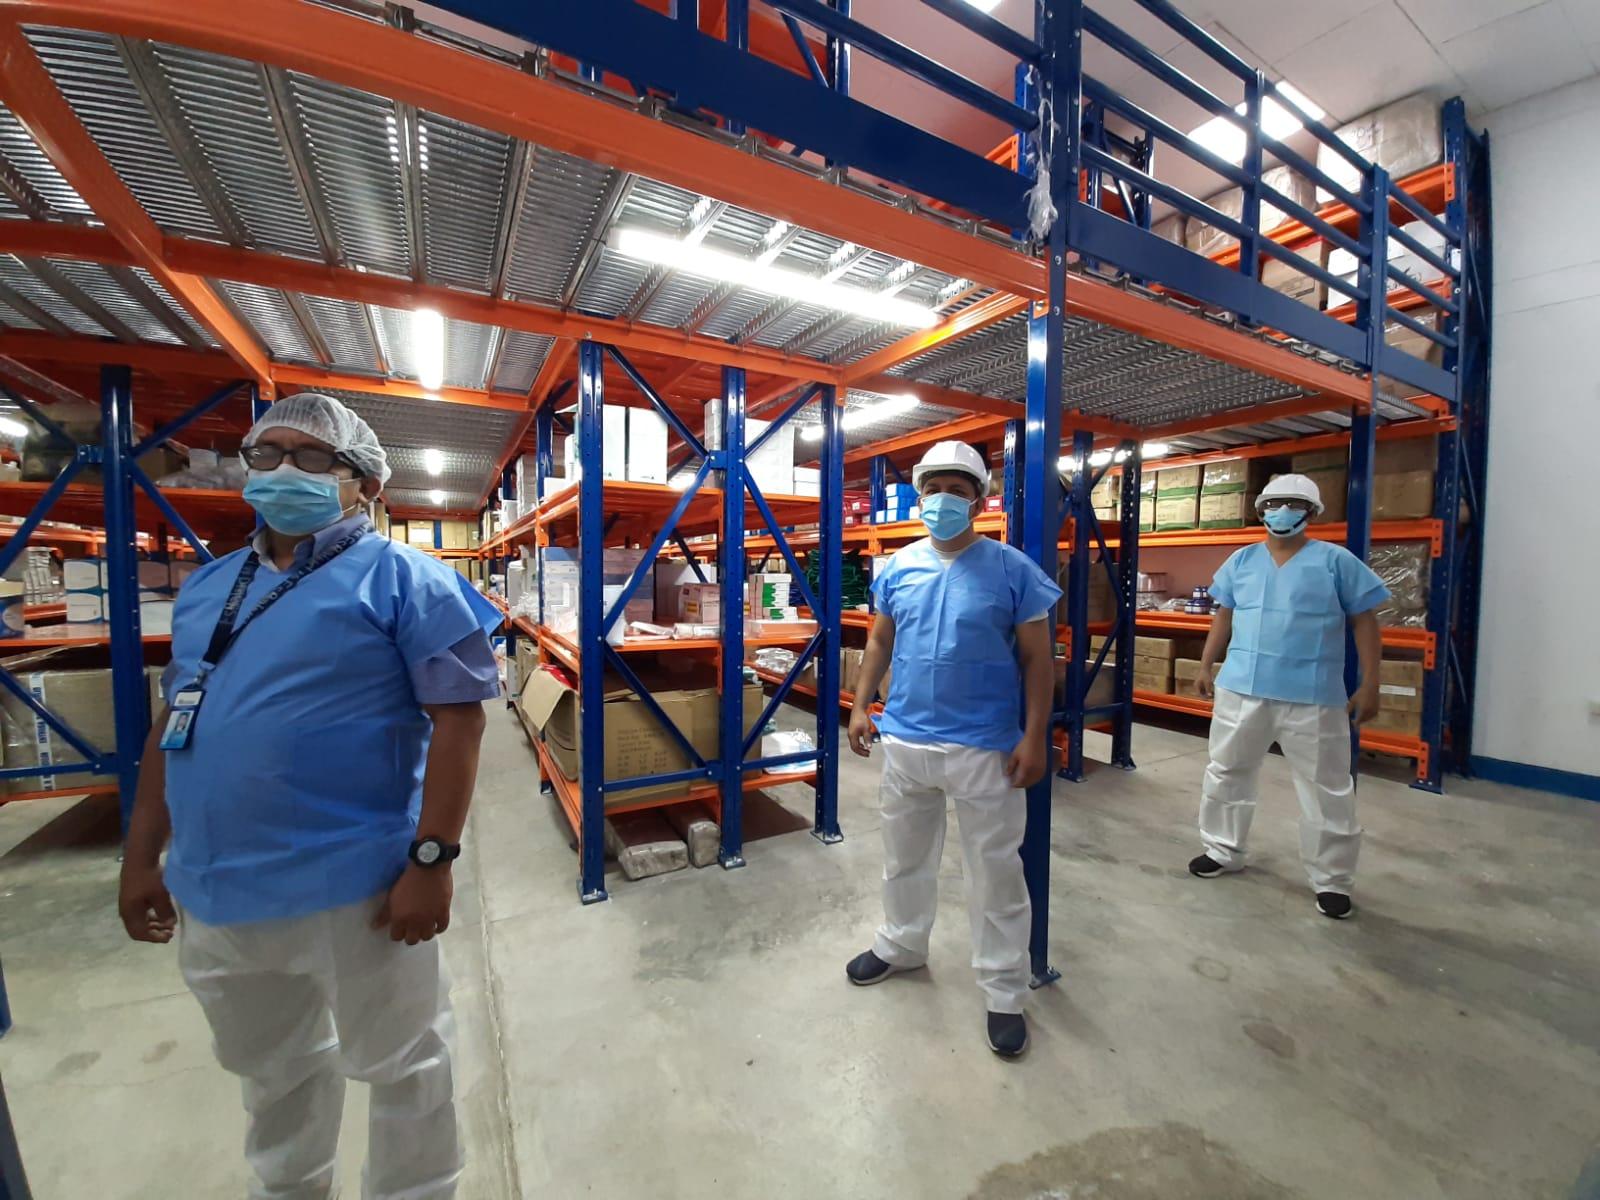 Essalud - EsSalud Loreto mejora ambientes de almacenamiento de medicamentos en beneficio de asegurados